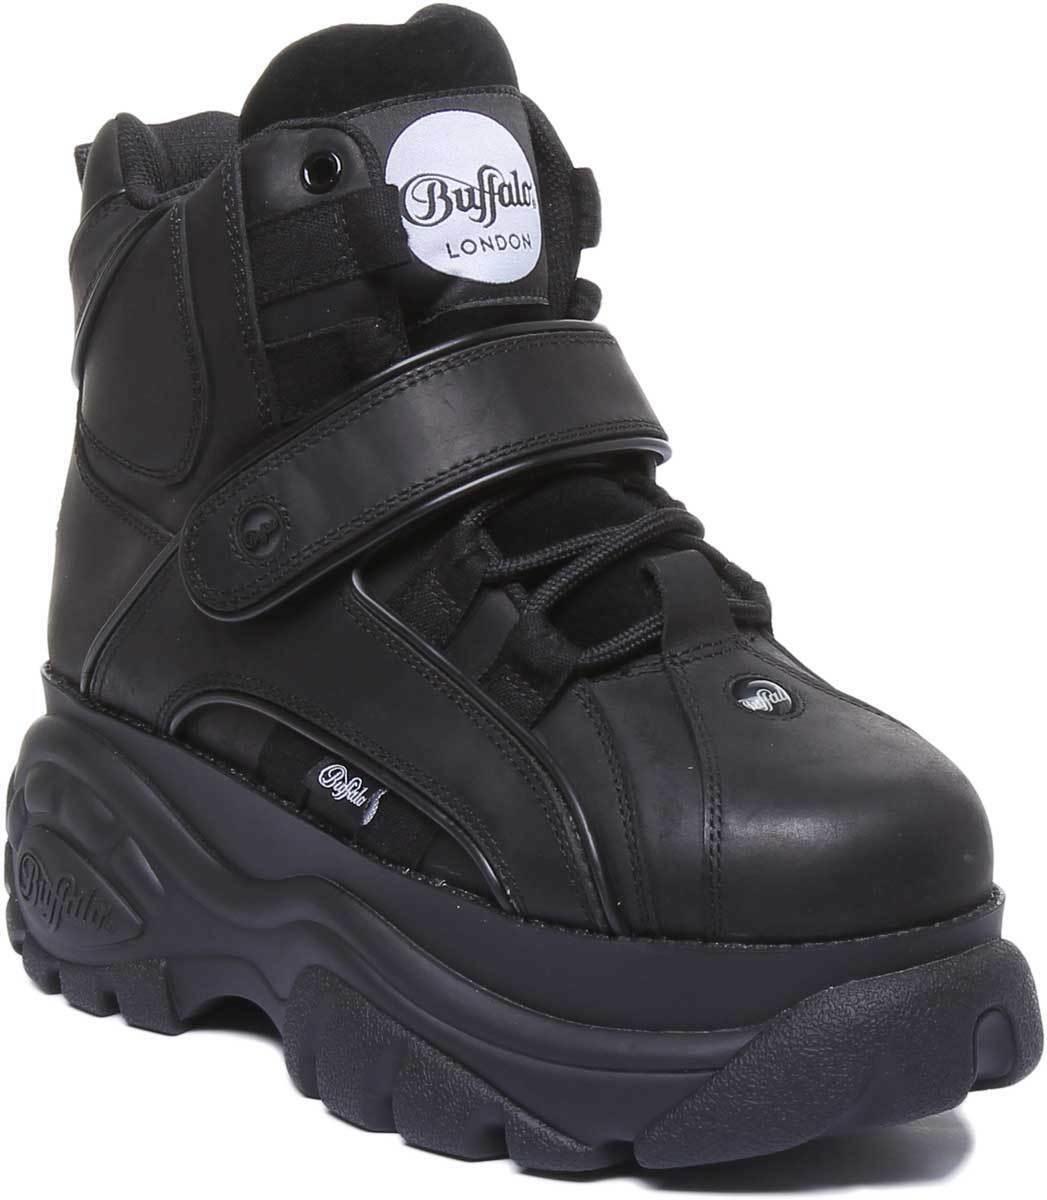 Buffalo 1534061 Women Leather Matt Hook Platform shoes In Black Size UK 3 - 8